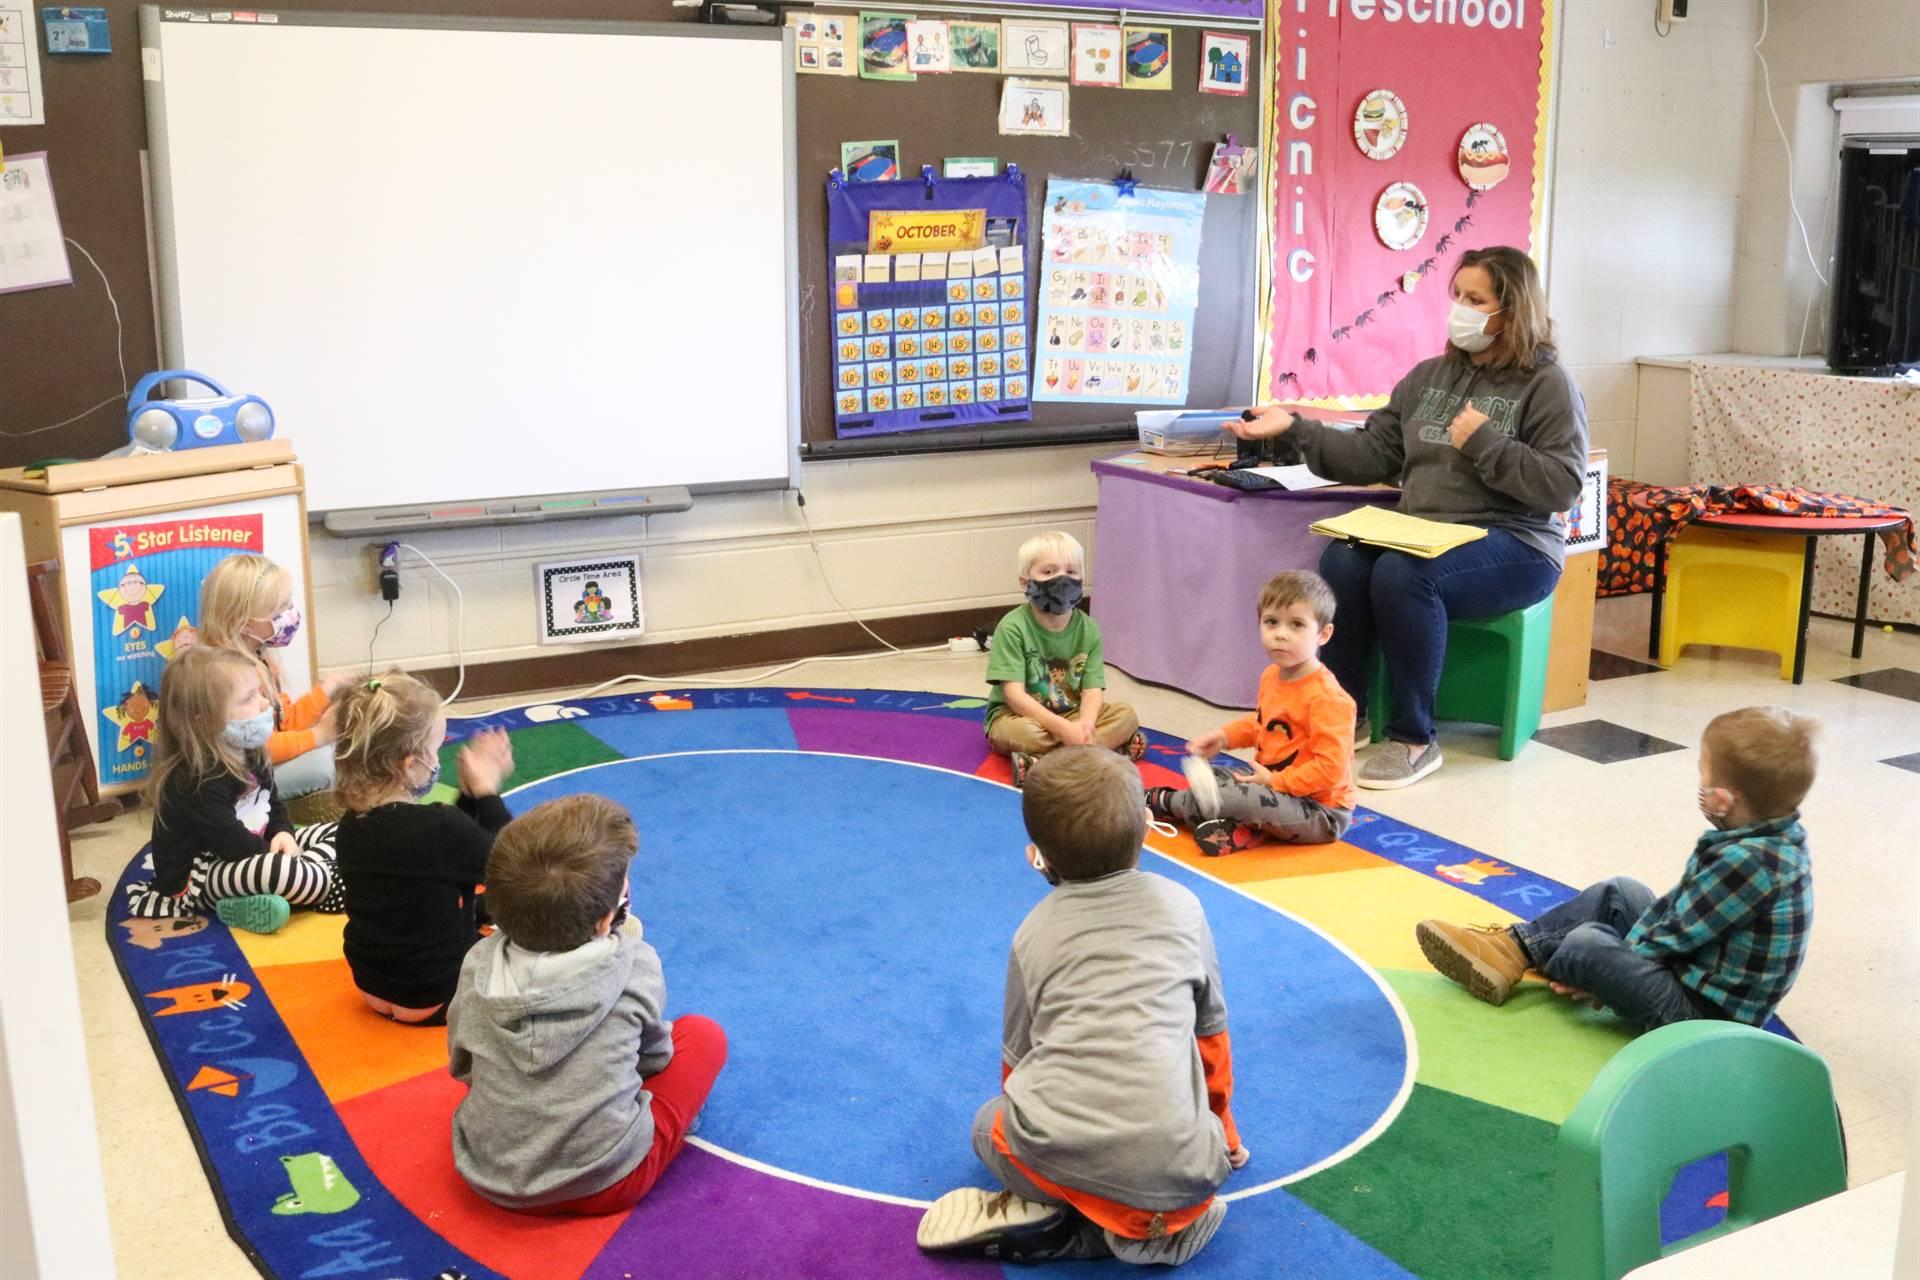 kids on floor teacher sitting